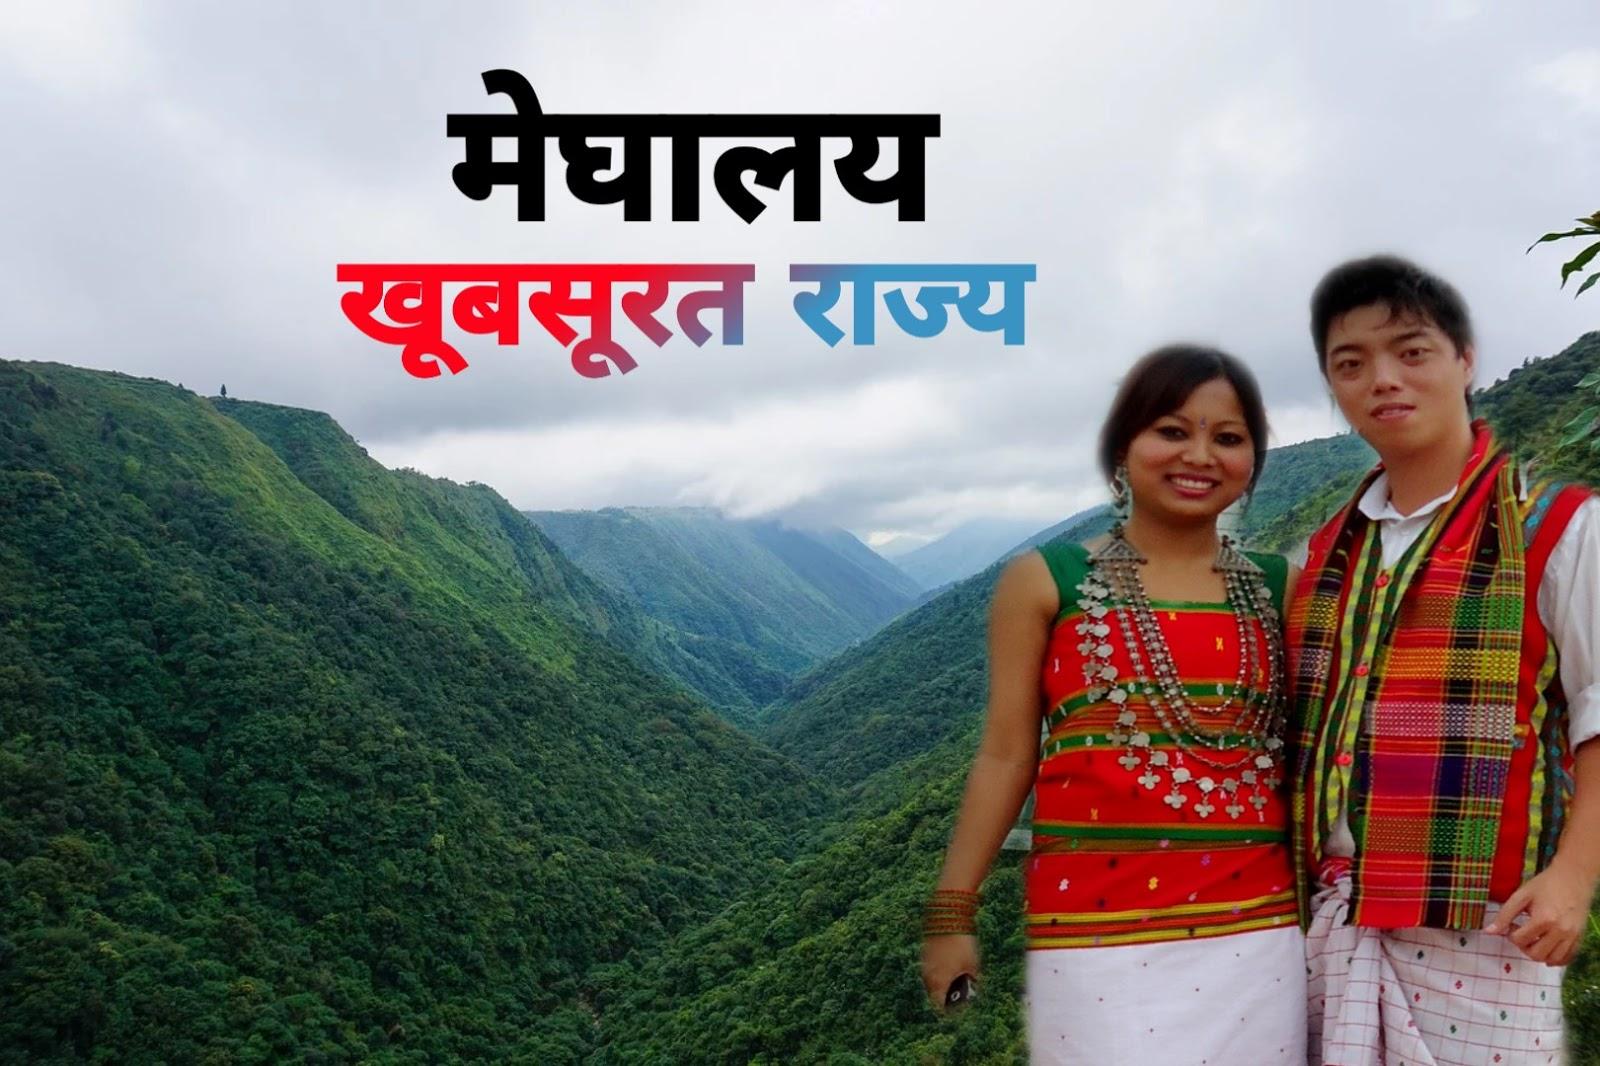 Interesting facts about Meghalaya in Hindi- मेघालय के बारे में रोचाक्त तथ्य और जानकारी